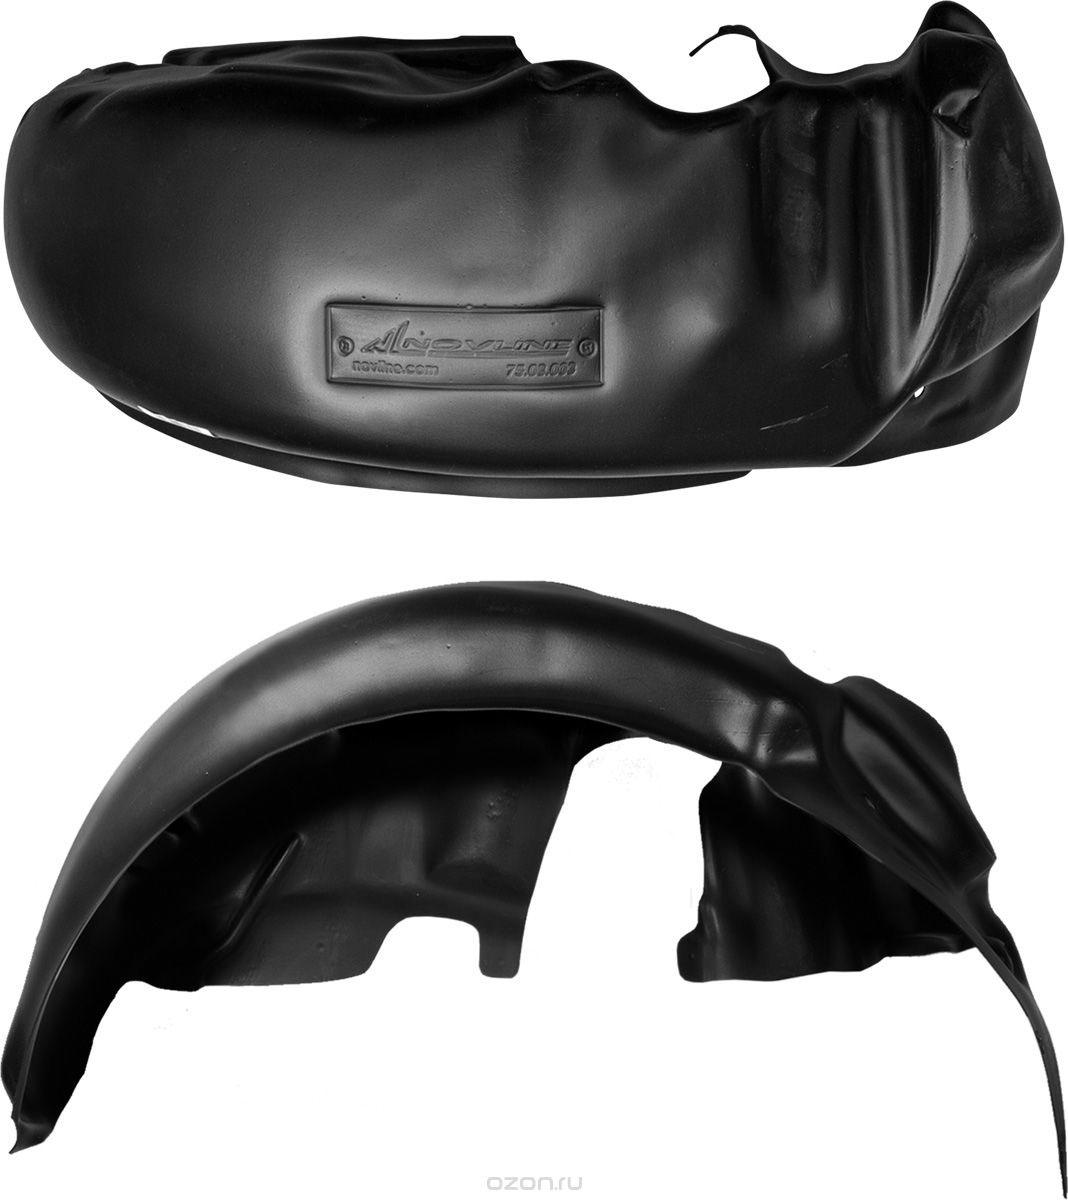 Подкрылок Novline-Autofamily, для DONGFENG S30, 03/2014->, ET(вылет 21-25, задний левый44005003Идеальная защита колесной ниши. Локеры разработаны с применением цифровых технологий, гарантируют максимальную повторяемость поверхности арки. Изделия устанавливаются без нарушения лакокрасочного покрытия автомобиля, каждый подкрылок комплектуется крепежом. Уважаемые клиенты, обращаем ваше внимание, что фотографии на подкрылки универсальные и не отражают реальную форму изделия. При этом само изделие идет точно под размер указанного автомобиля.